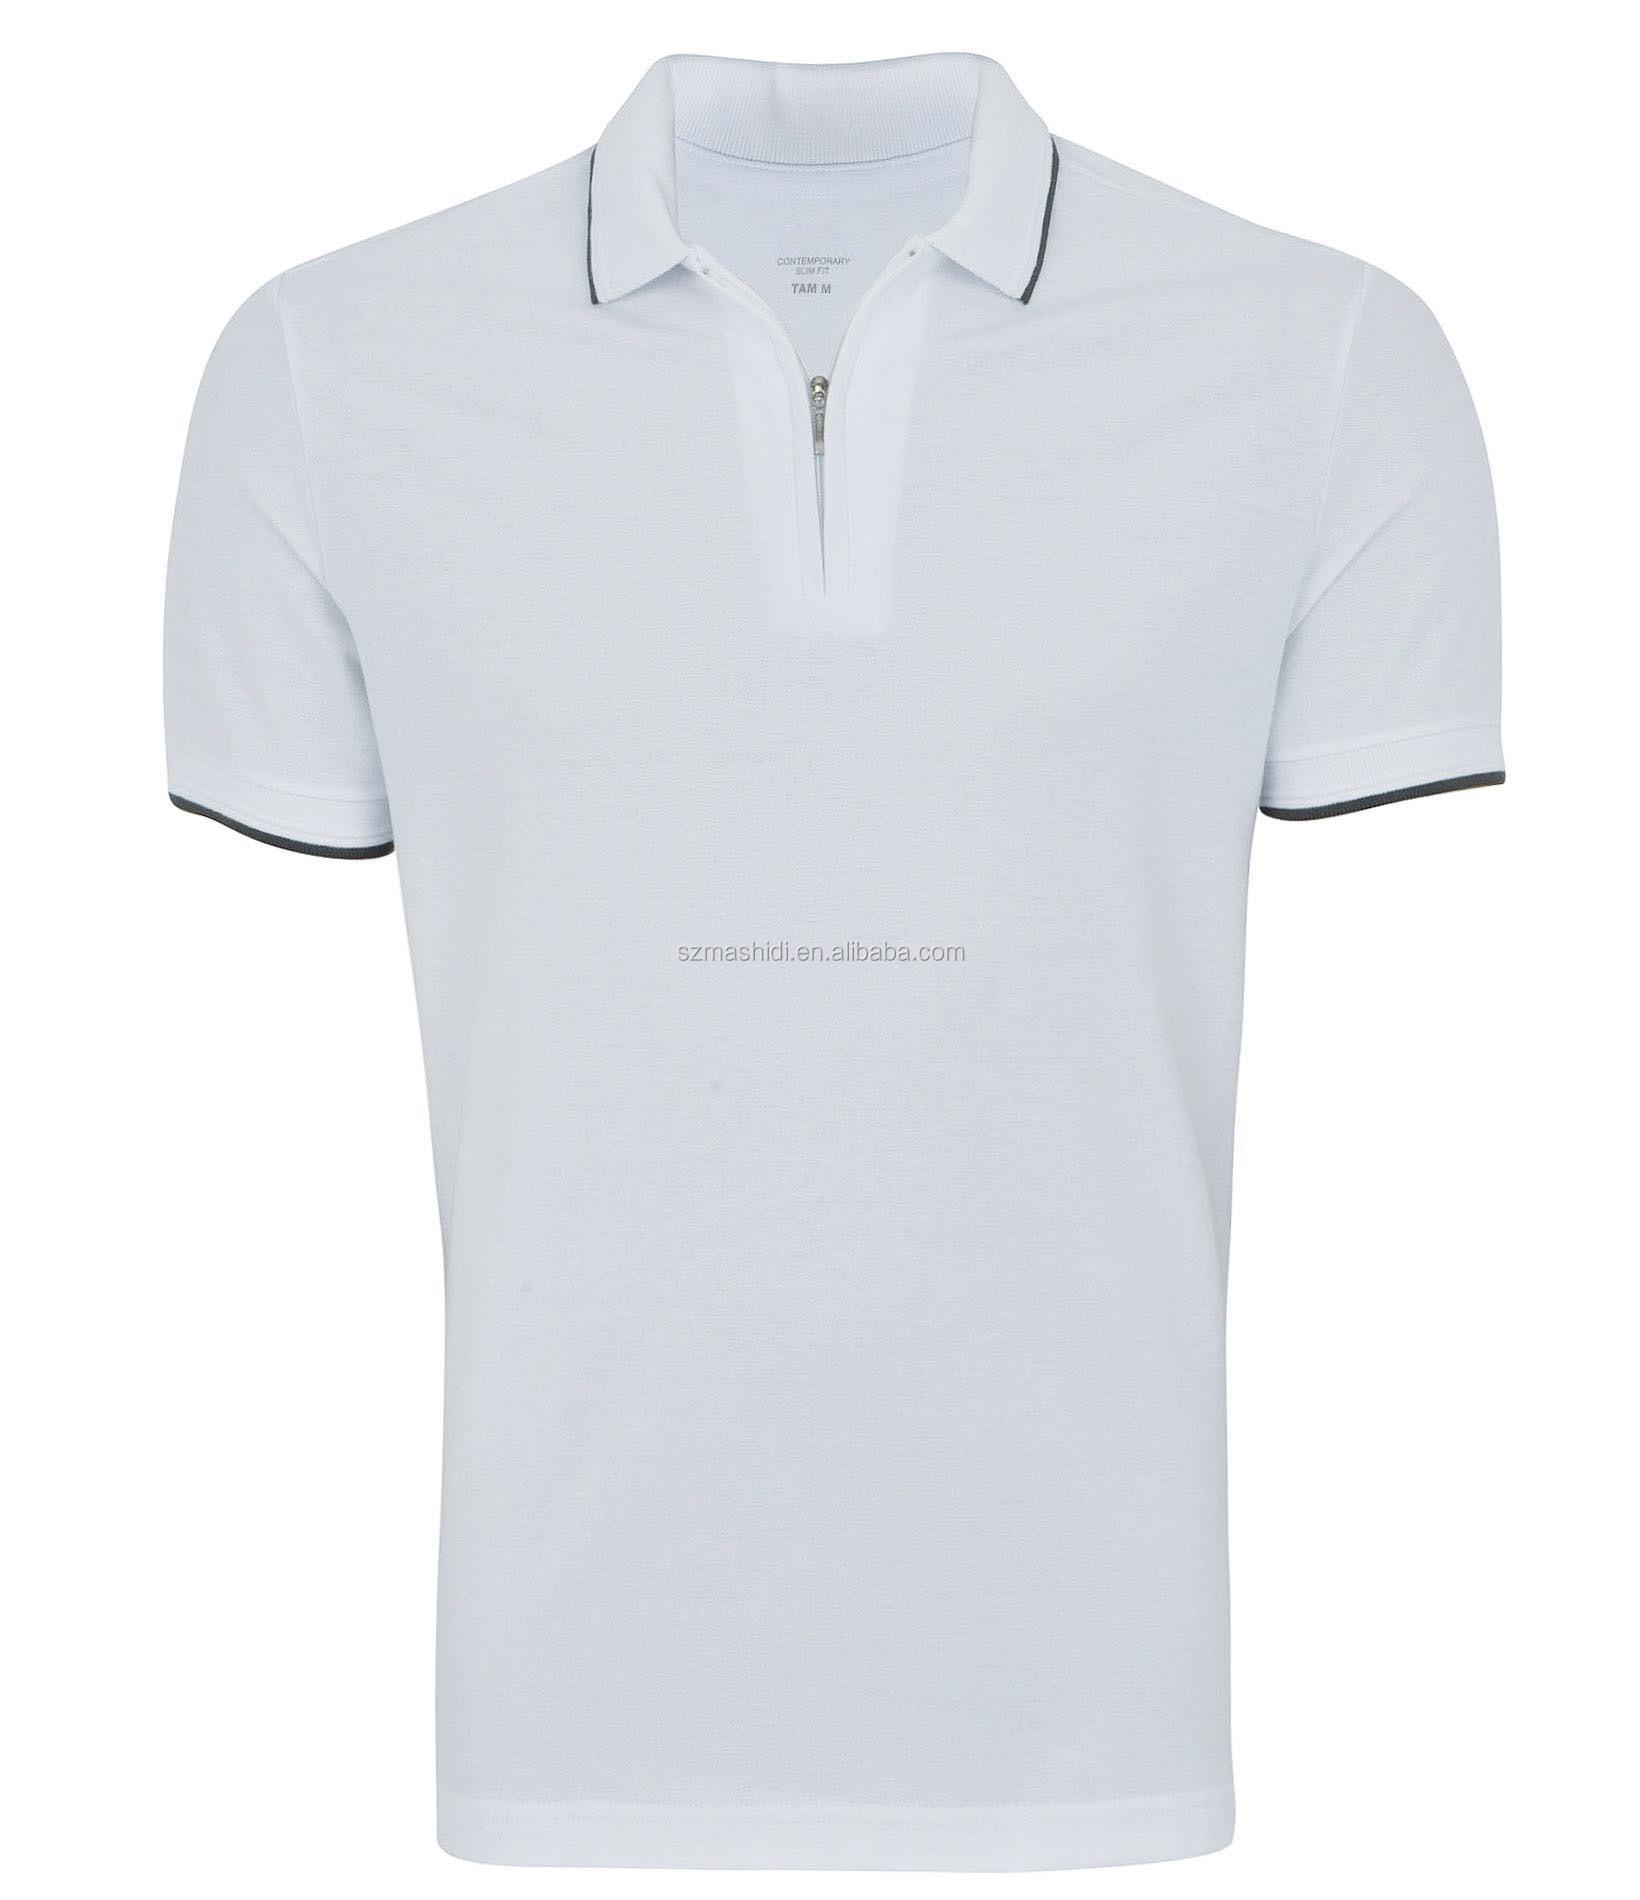 Shirt design with collar - Simple Fashion Zip Collar No Button Polo Shirt Design For 100 Cotton White Polo Shirt